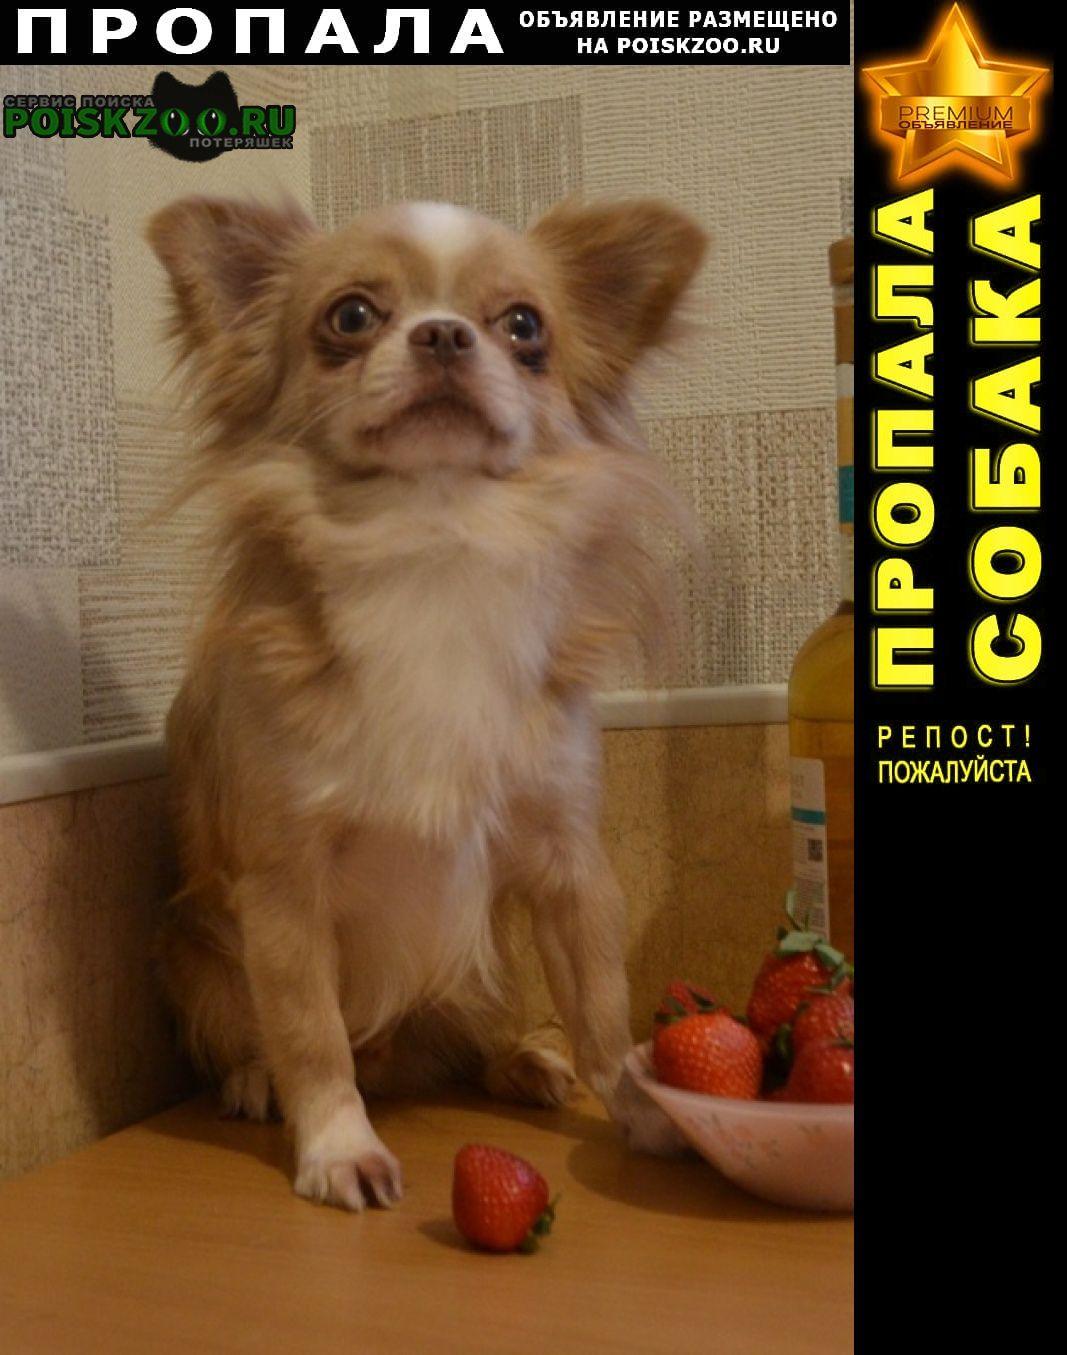 Пропала собака кремовый кобель чихуа Санкт-Петербург